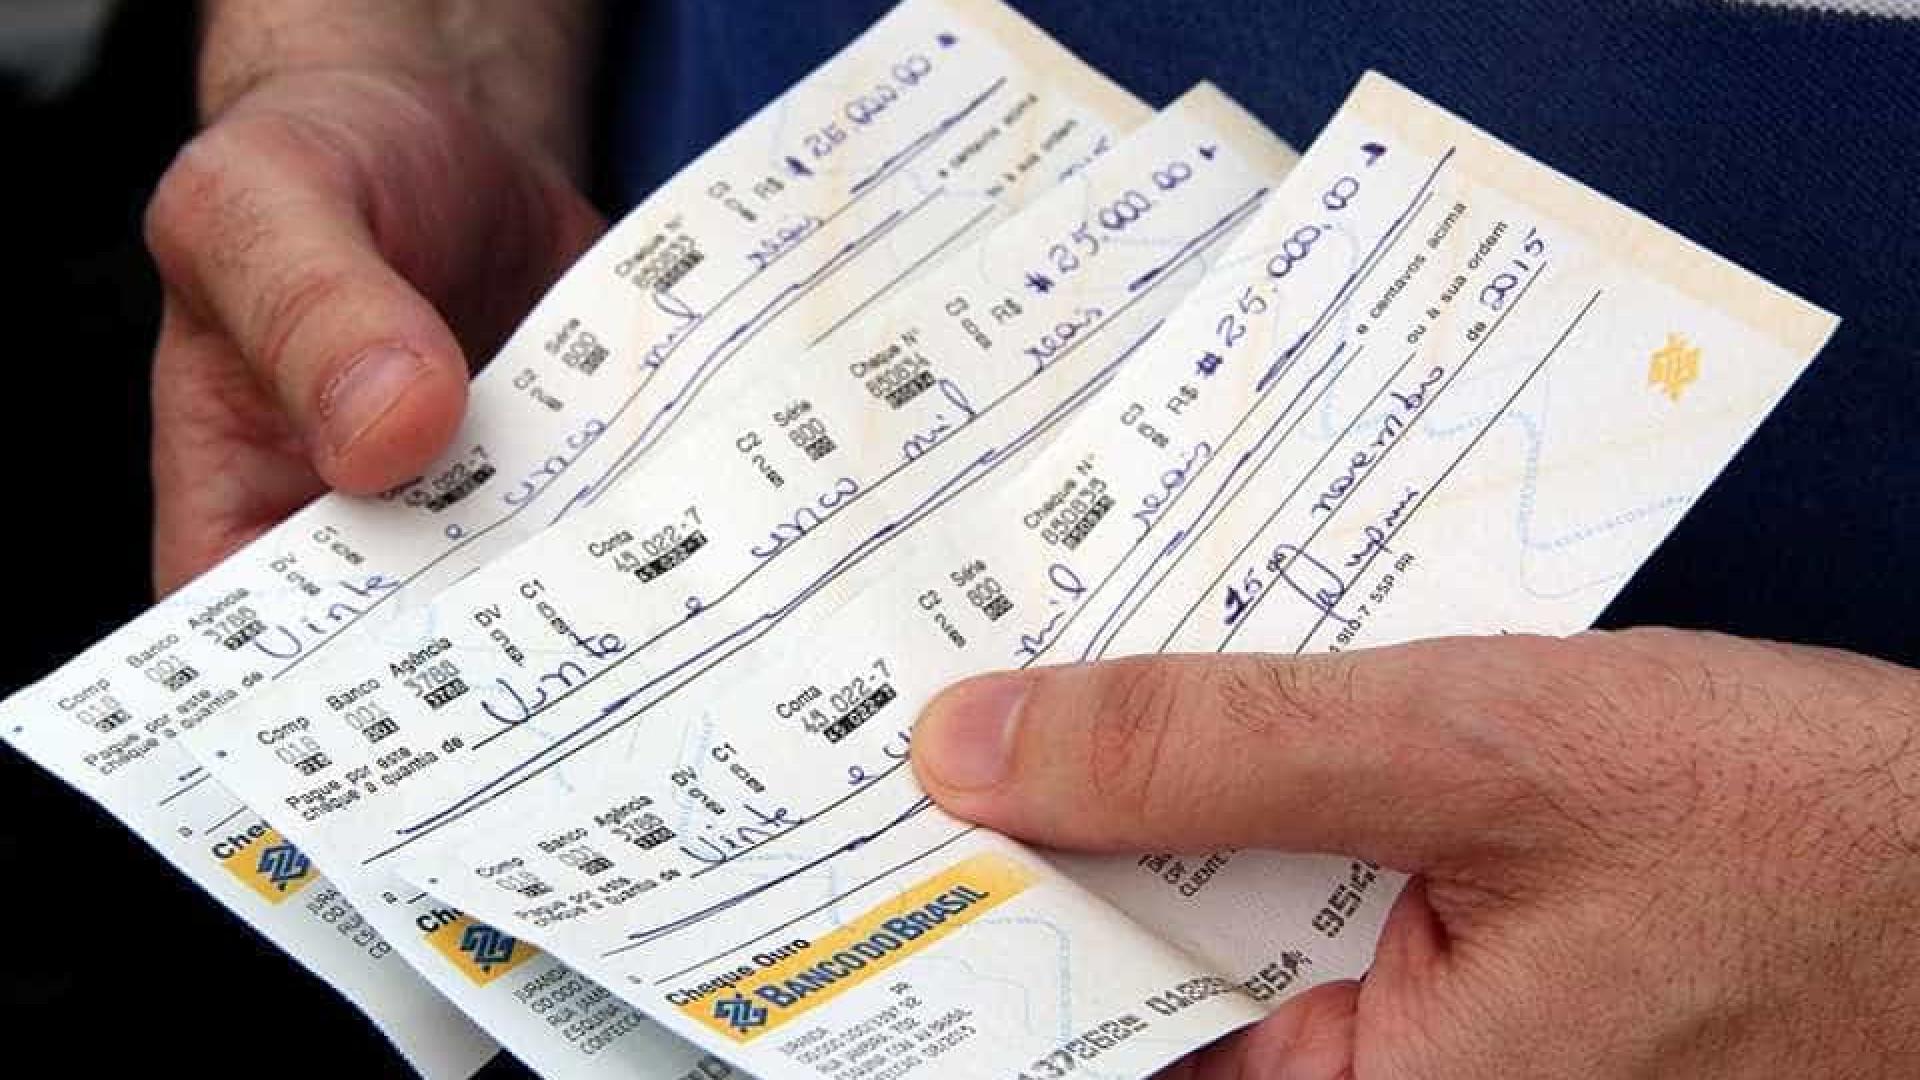 Polícia prende dez suspeitos  de falsificar cheques pelo país